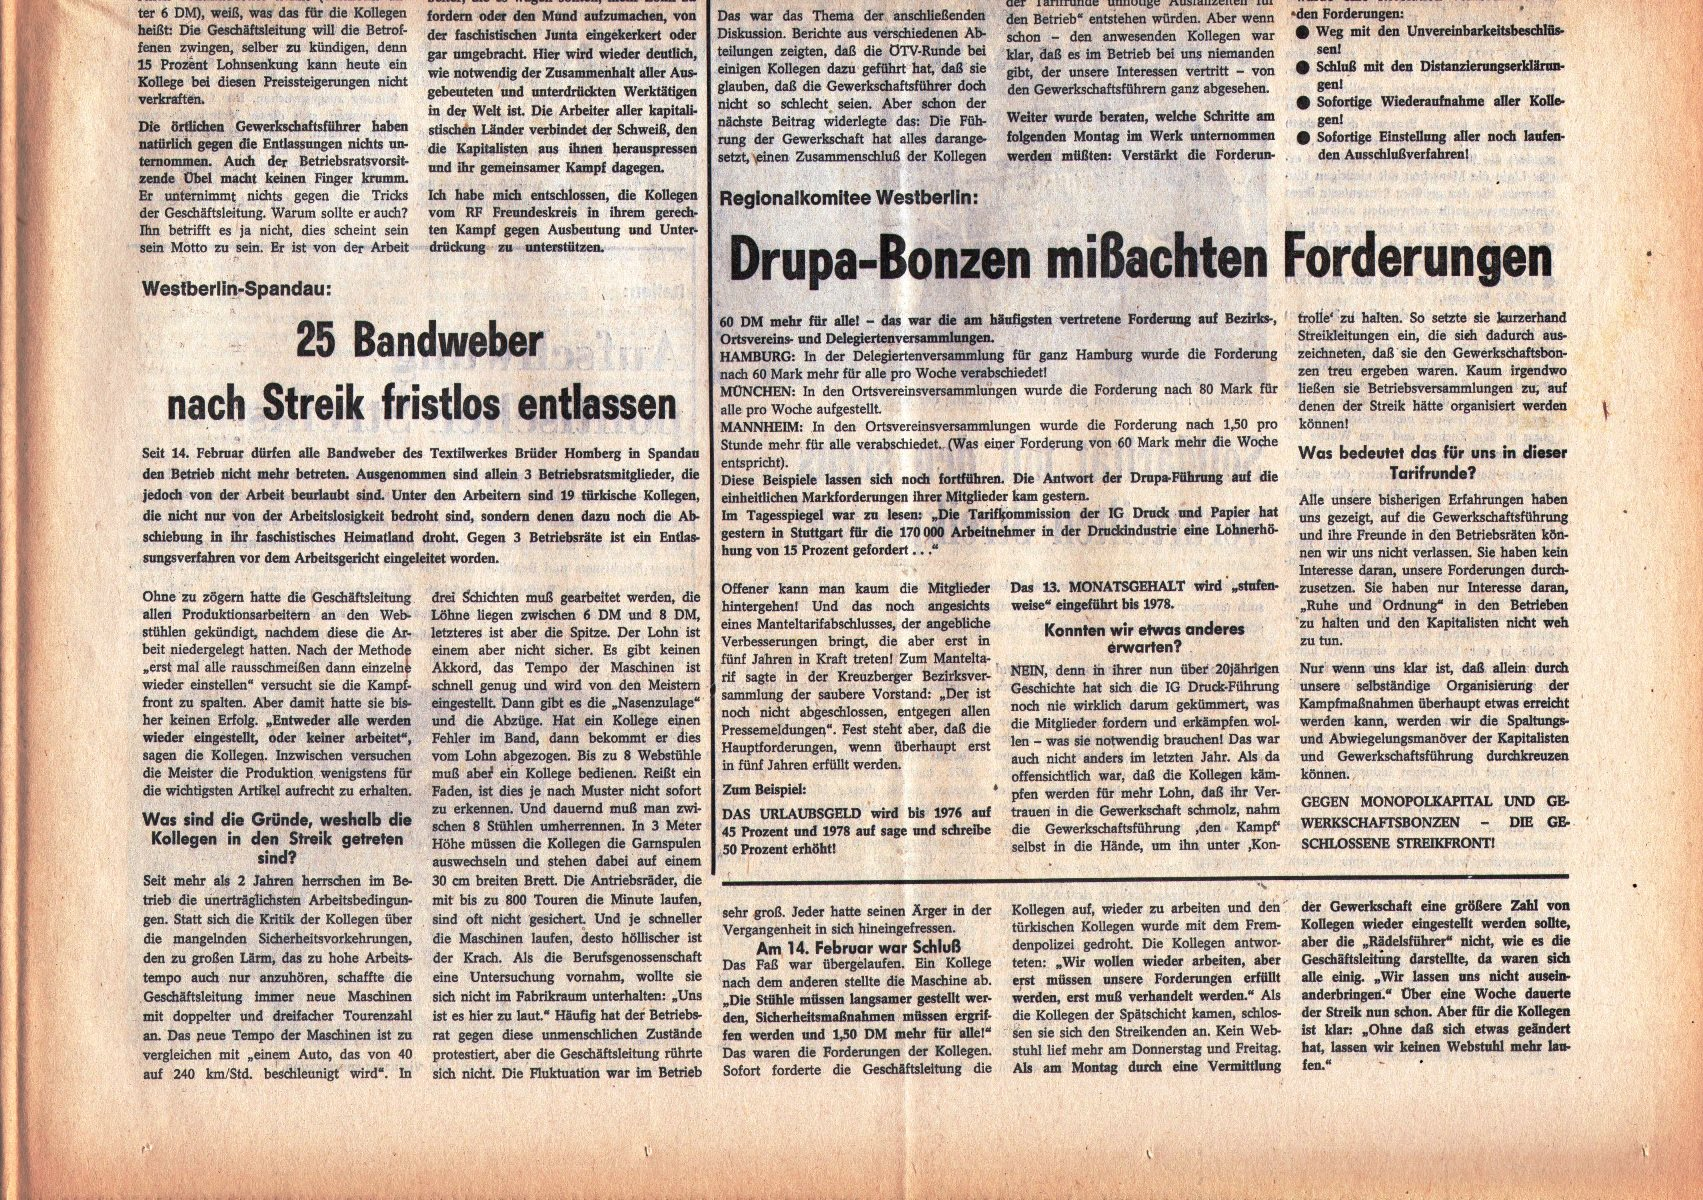 KPD_Rote_Fahne_1974_09_10